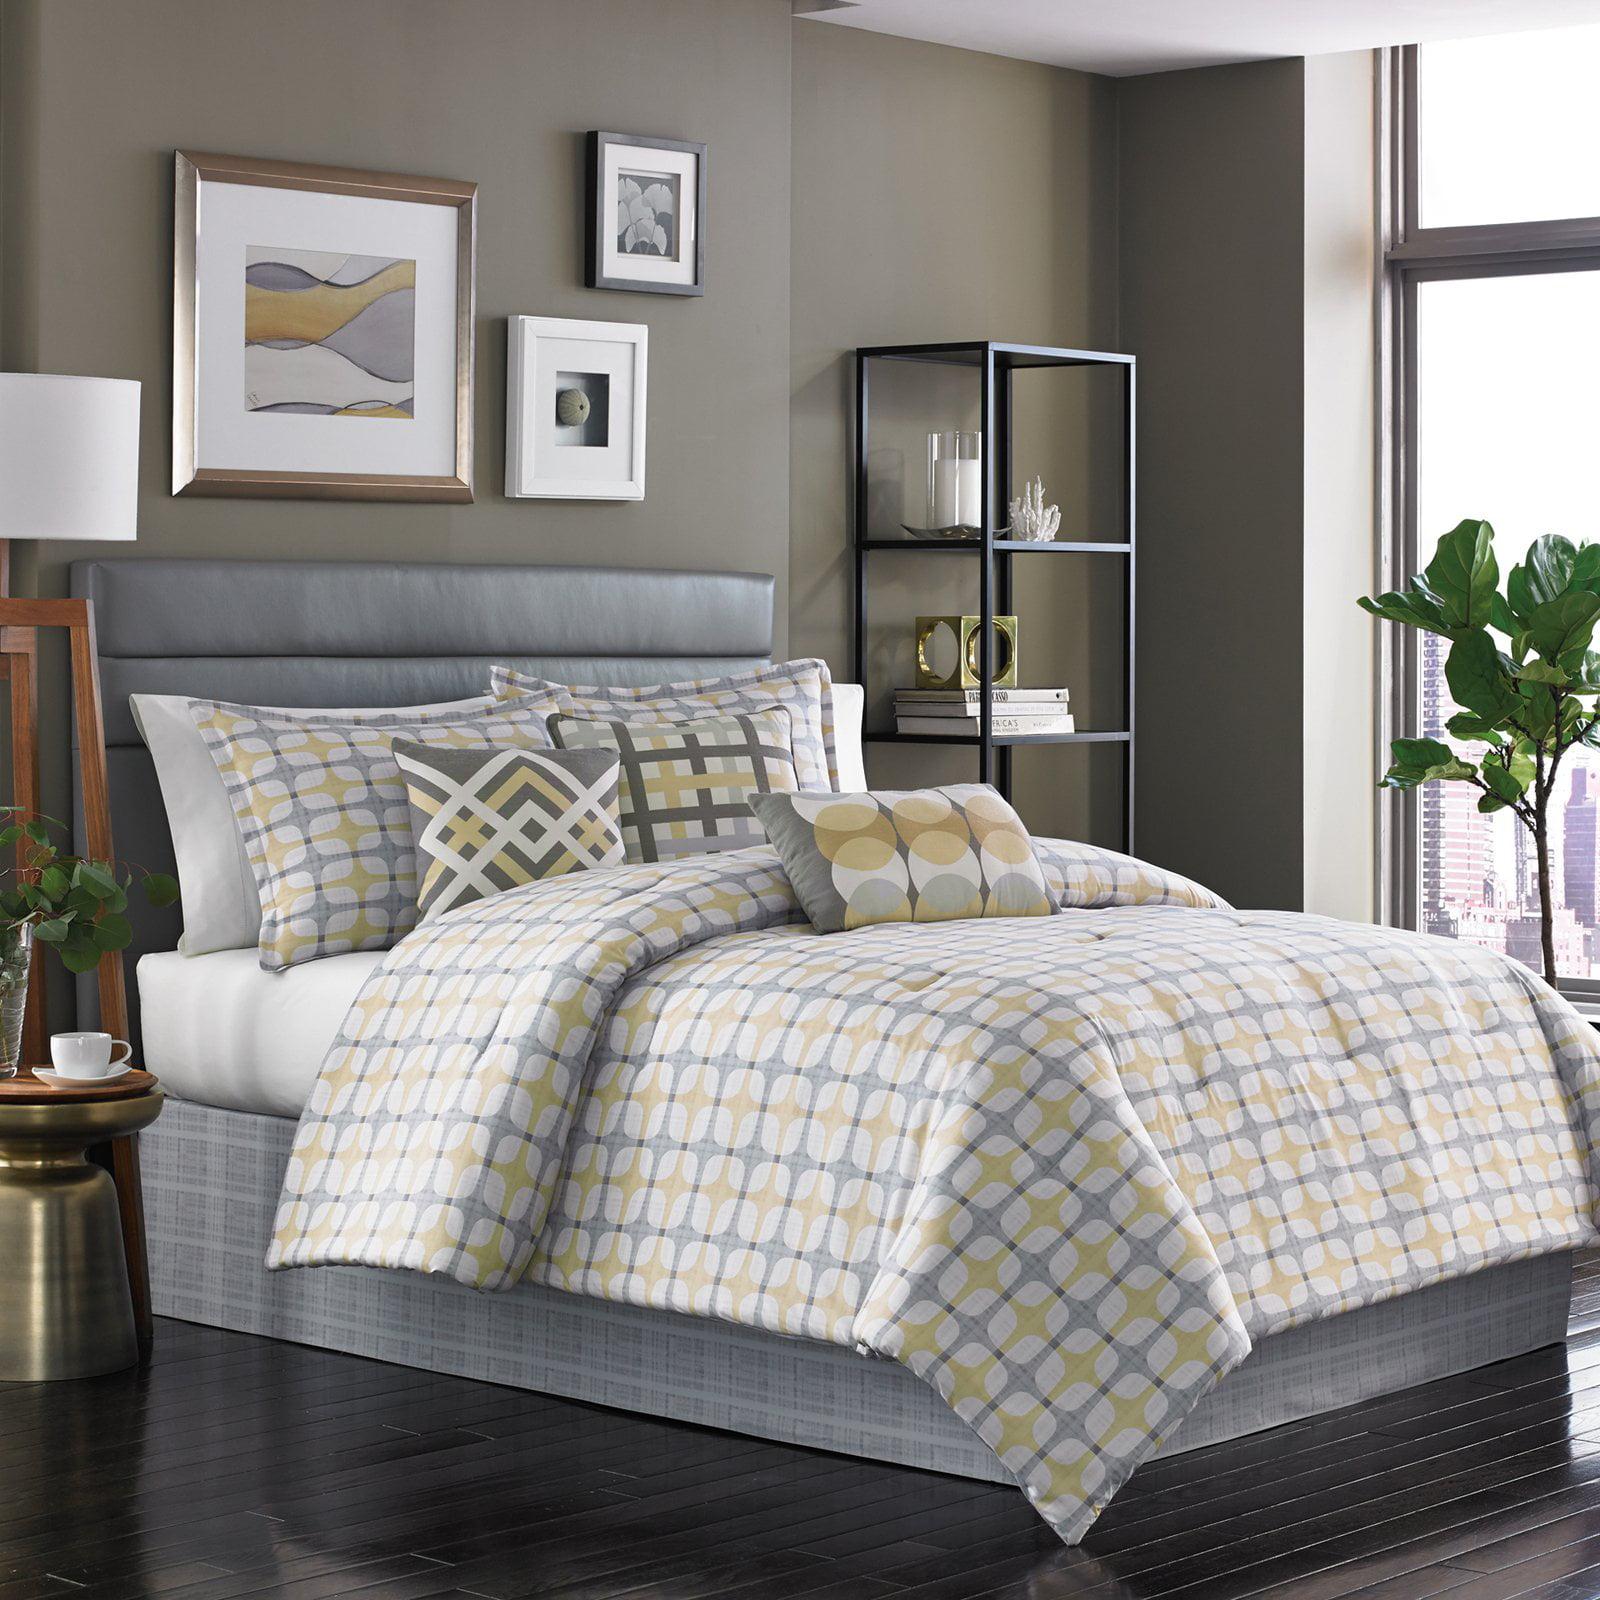 Bjorn 7 Piece Comforter Set by Dansk